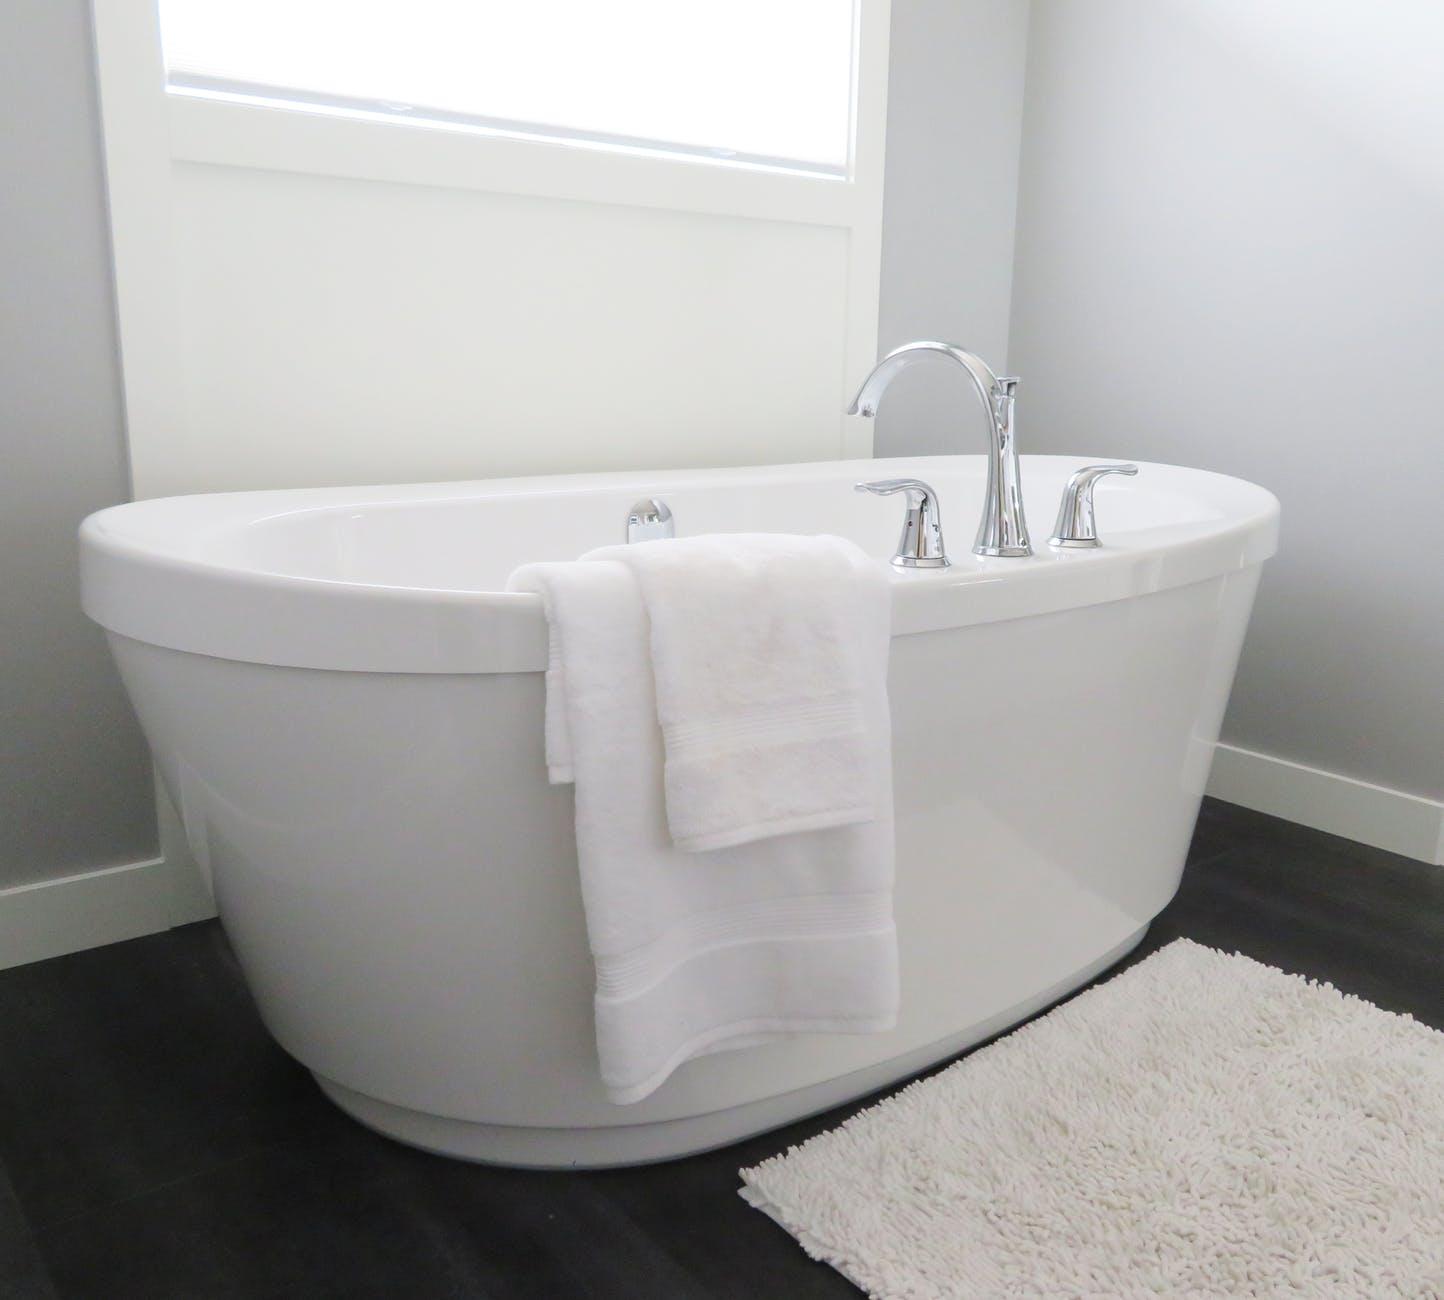 bathroom bathtub ceramic clean